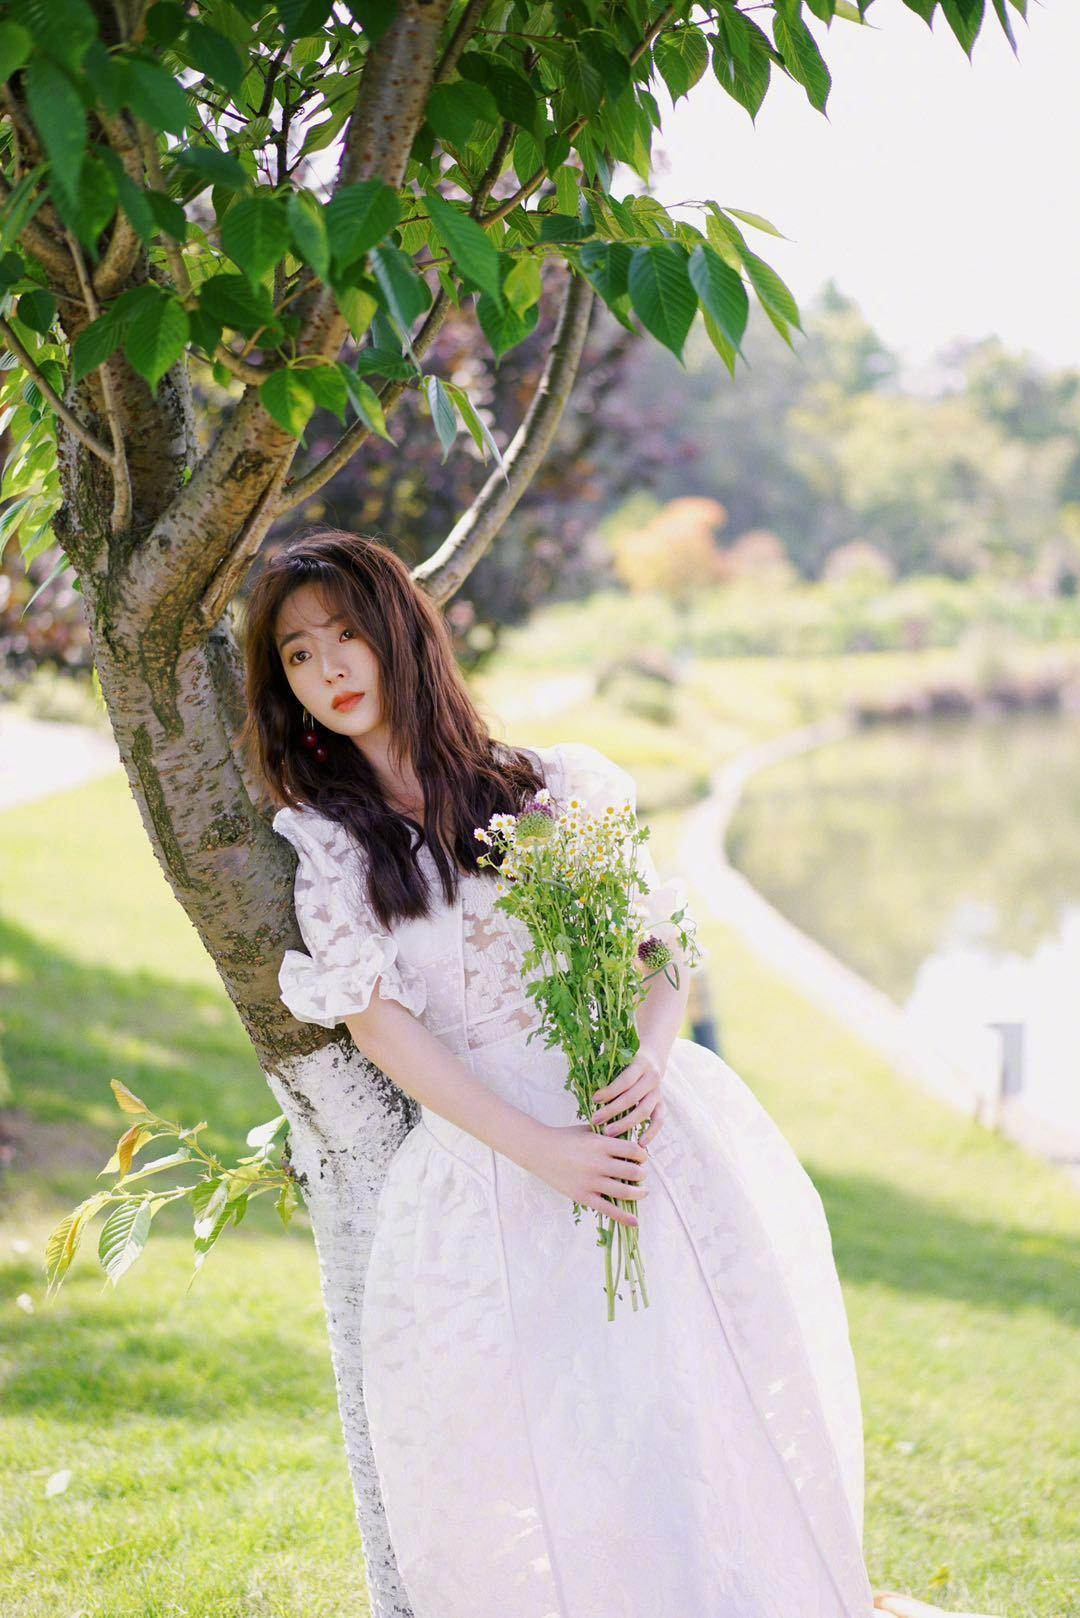 邢菲白色镂花长裙尽显慵懒小女人的优雅